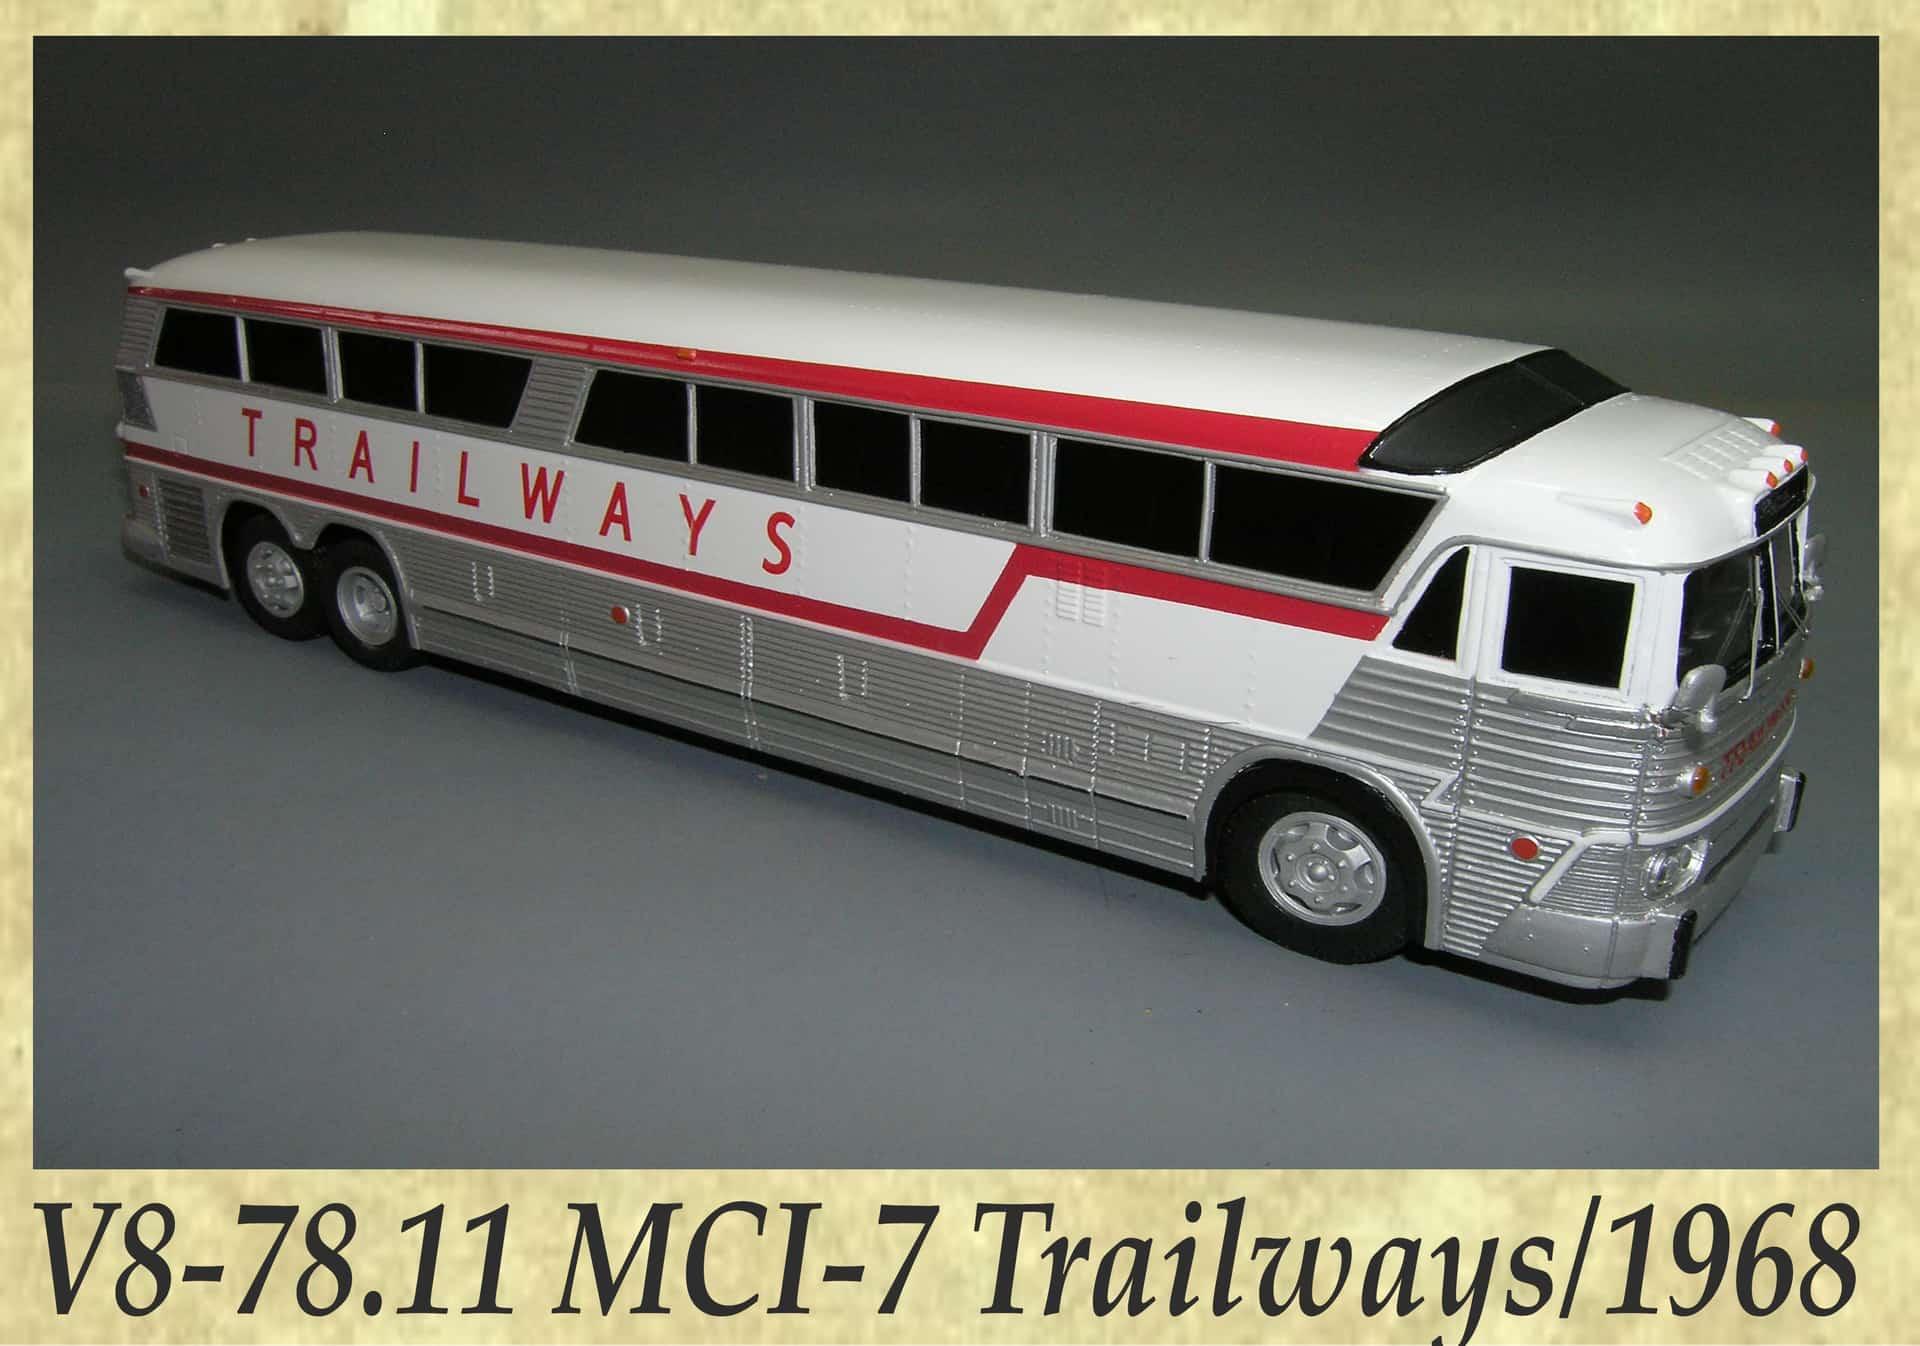 V8-78.11 MCI-7 Trailwaysn 1968